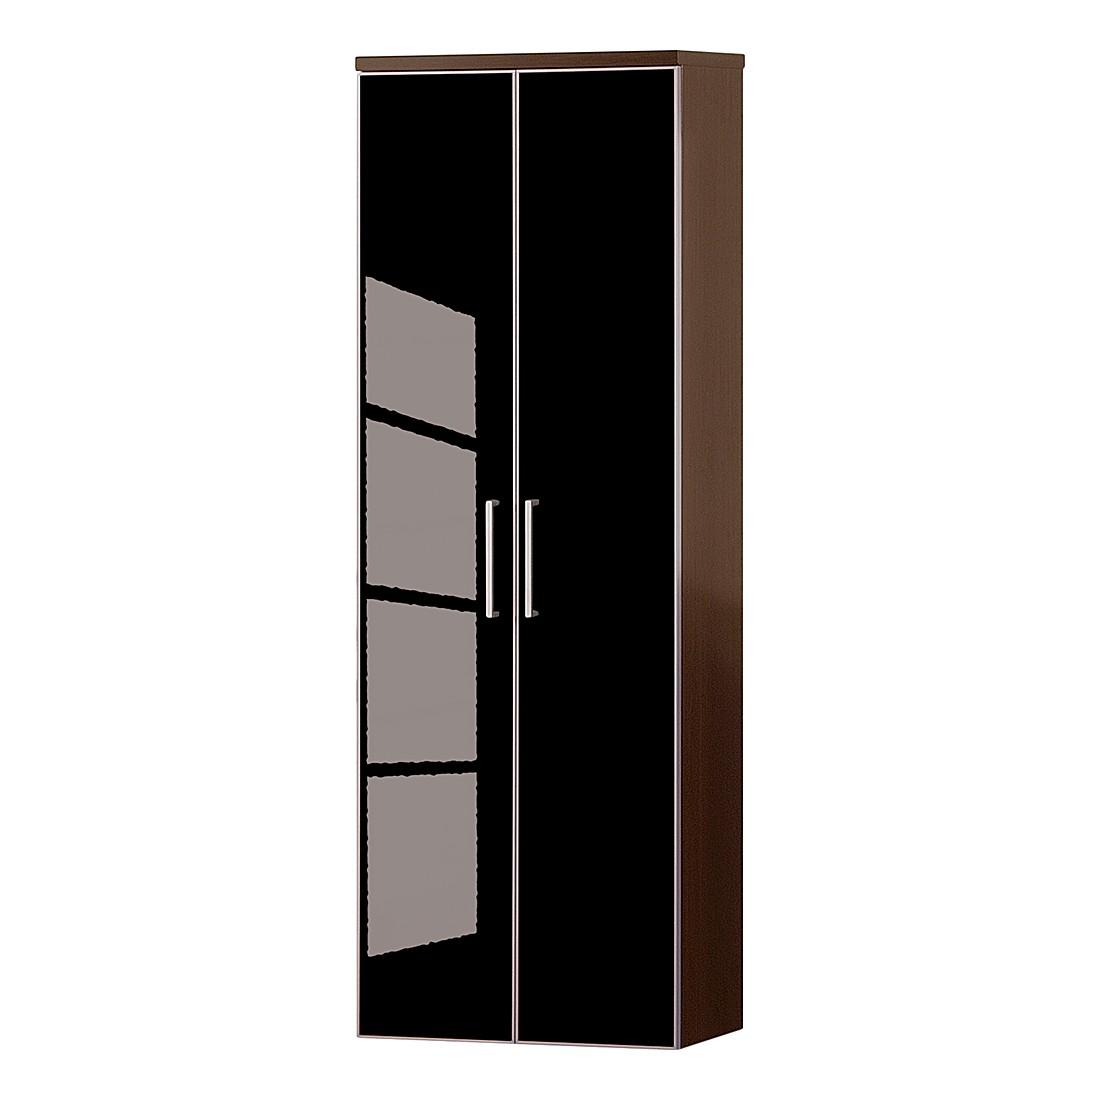 Hängeschrank Sarota II – Wenge/Glas Anthrazit, Voss kaufen